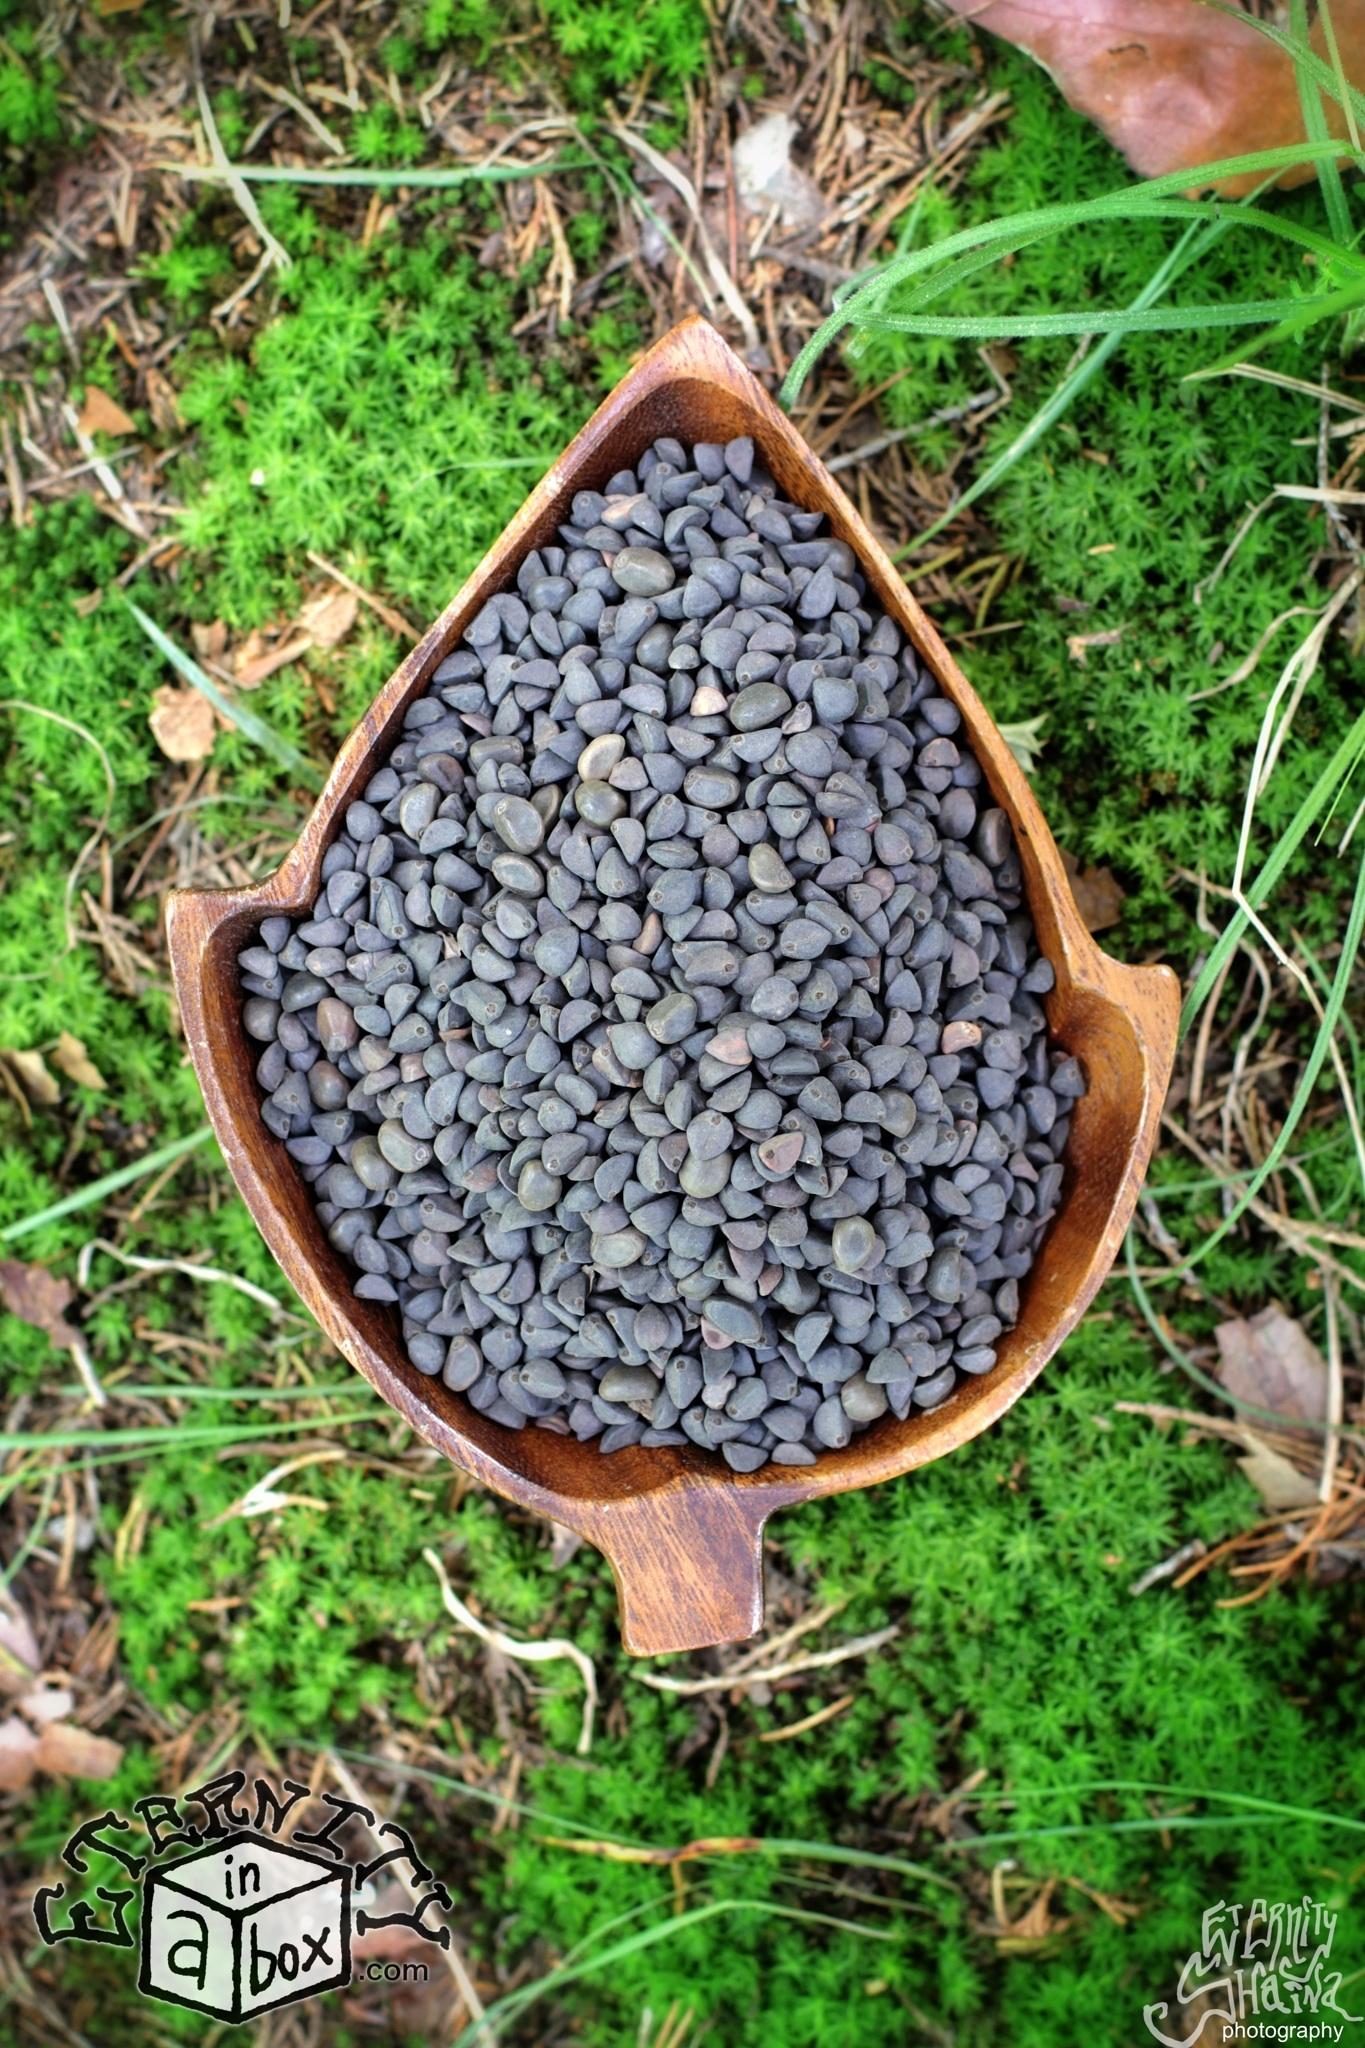 Nice Heavenly Blue Morning Glory Seeds Heavenly Blue Morning Glory Seeds Eternity Morning Glory Seeds Reddit Morning Glory Seeds Erowid houzz 01 Morning Glory Seeds